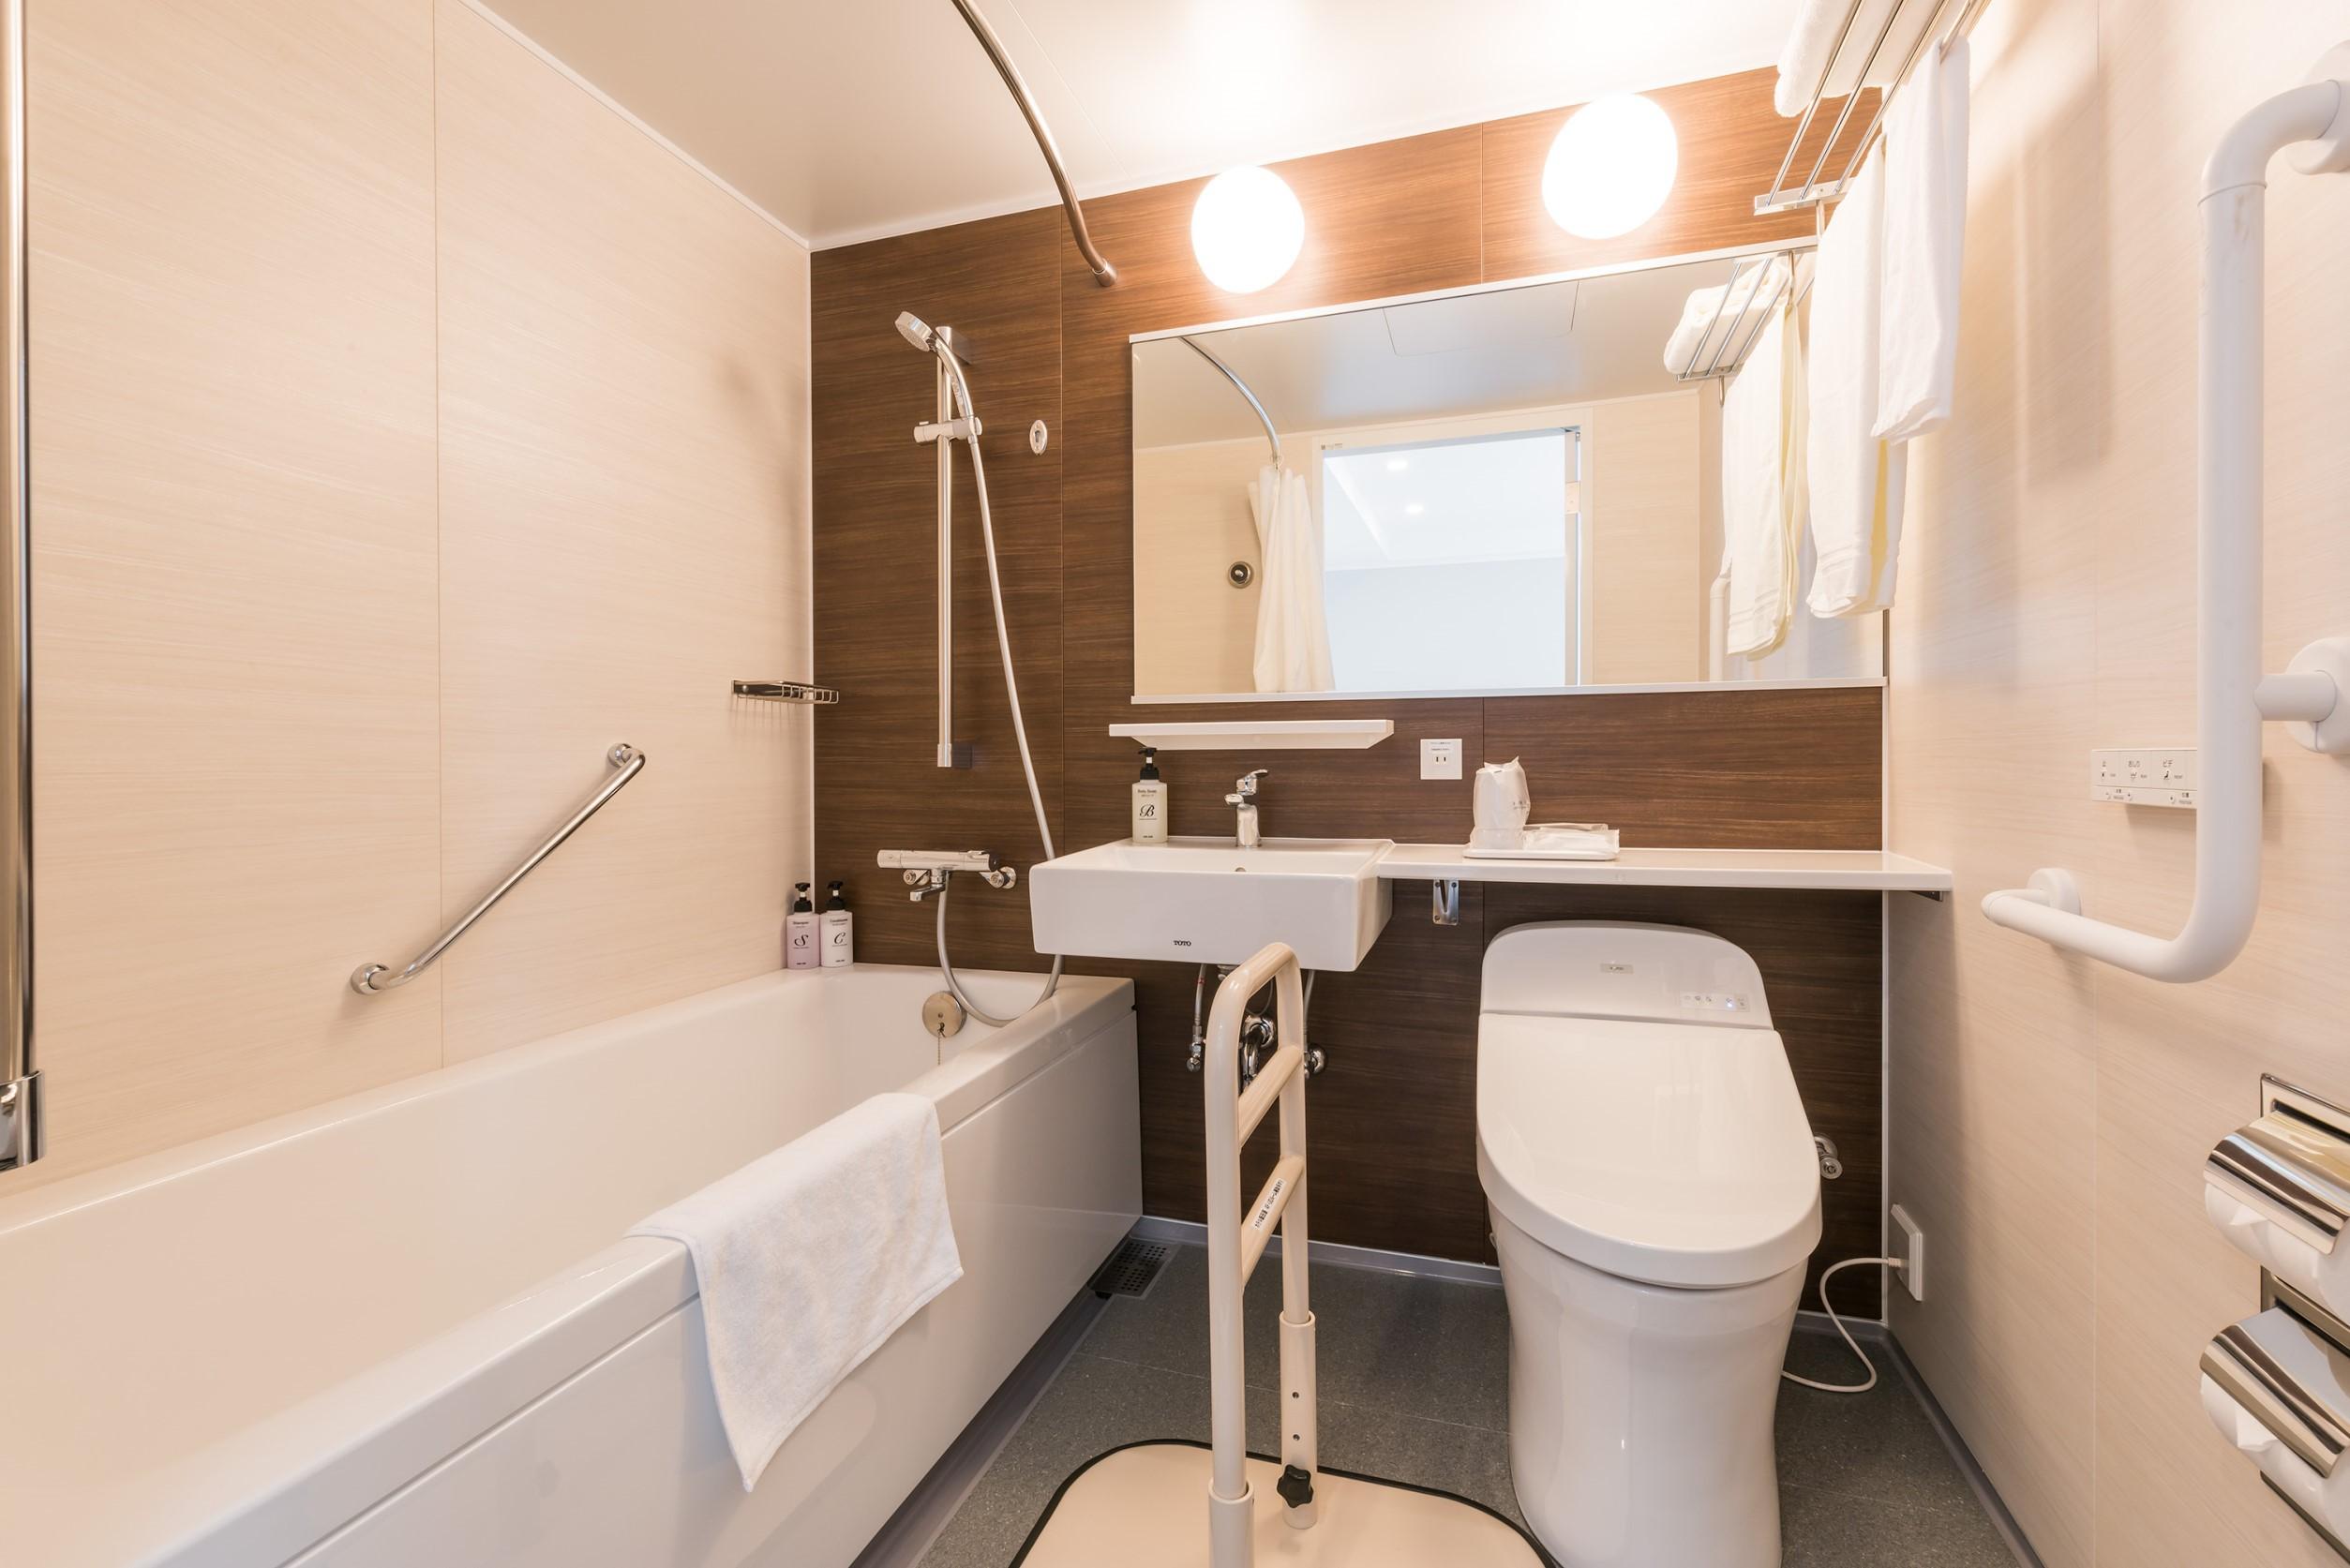 バリアフリールーム・バスルームの一例(手摺ご用意できます)